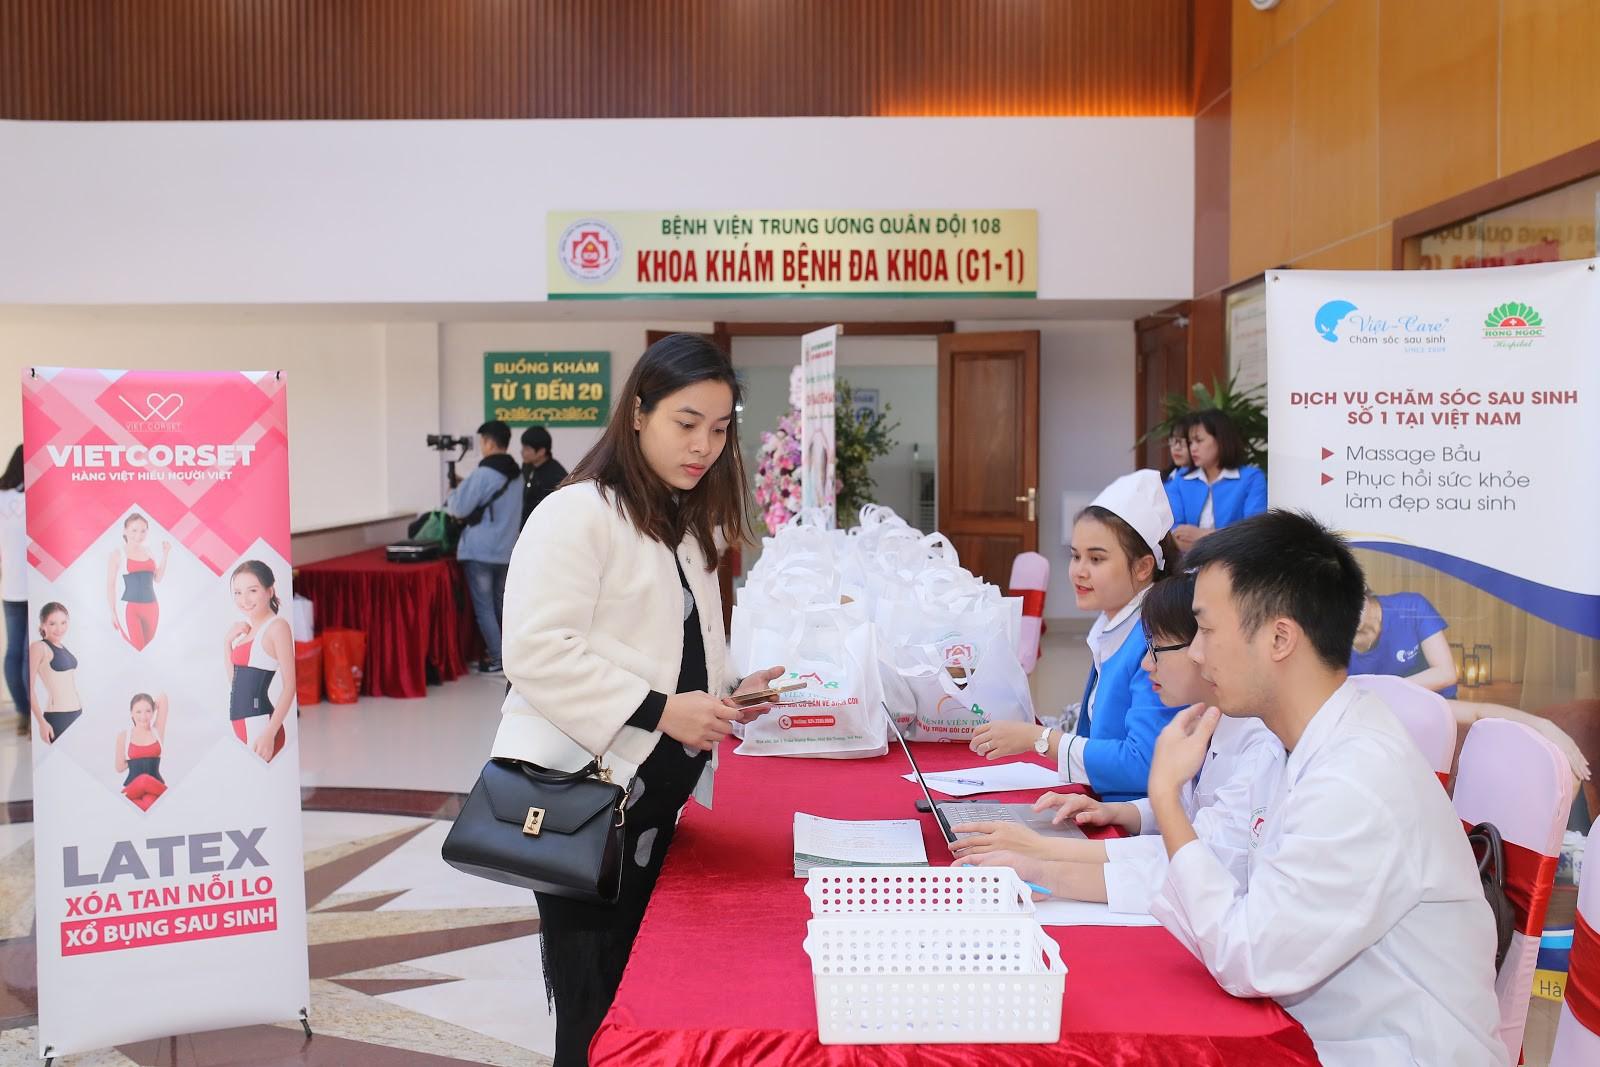 Latex giảm eo made in Việt Nam được giới thiệu hoành tráng tại hội nghị Bệnh viện TƯQĐ 108 - Ảnh 5.